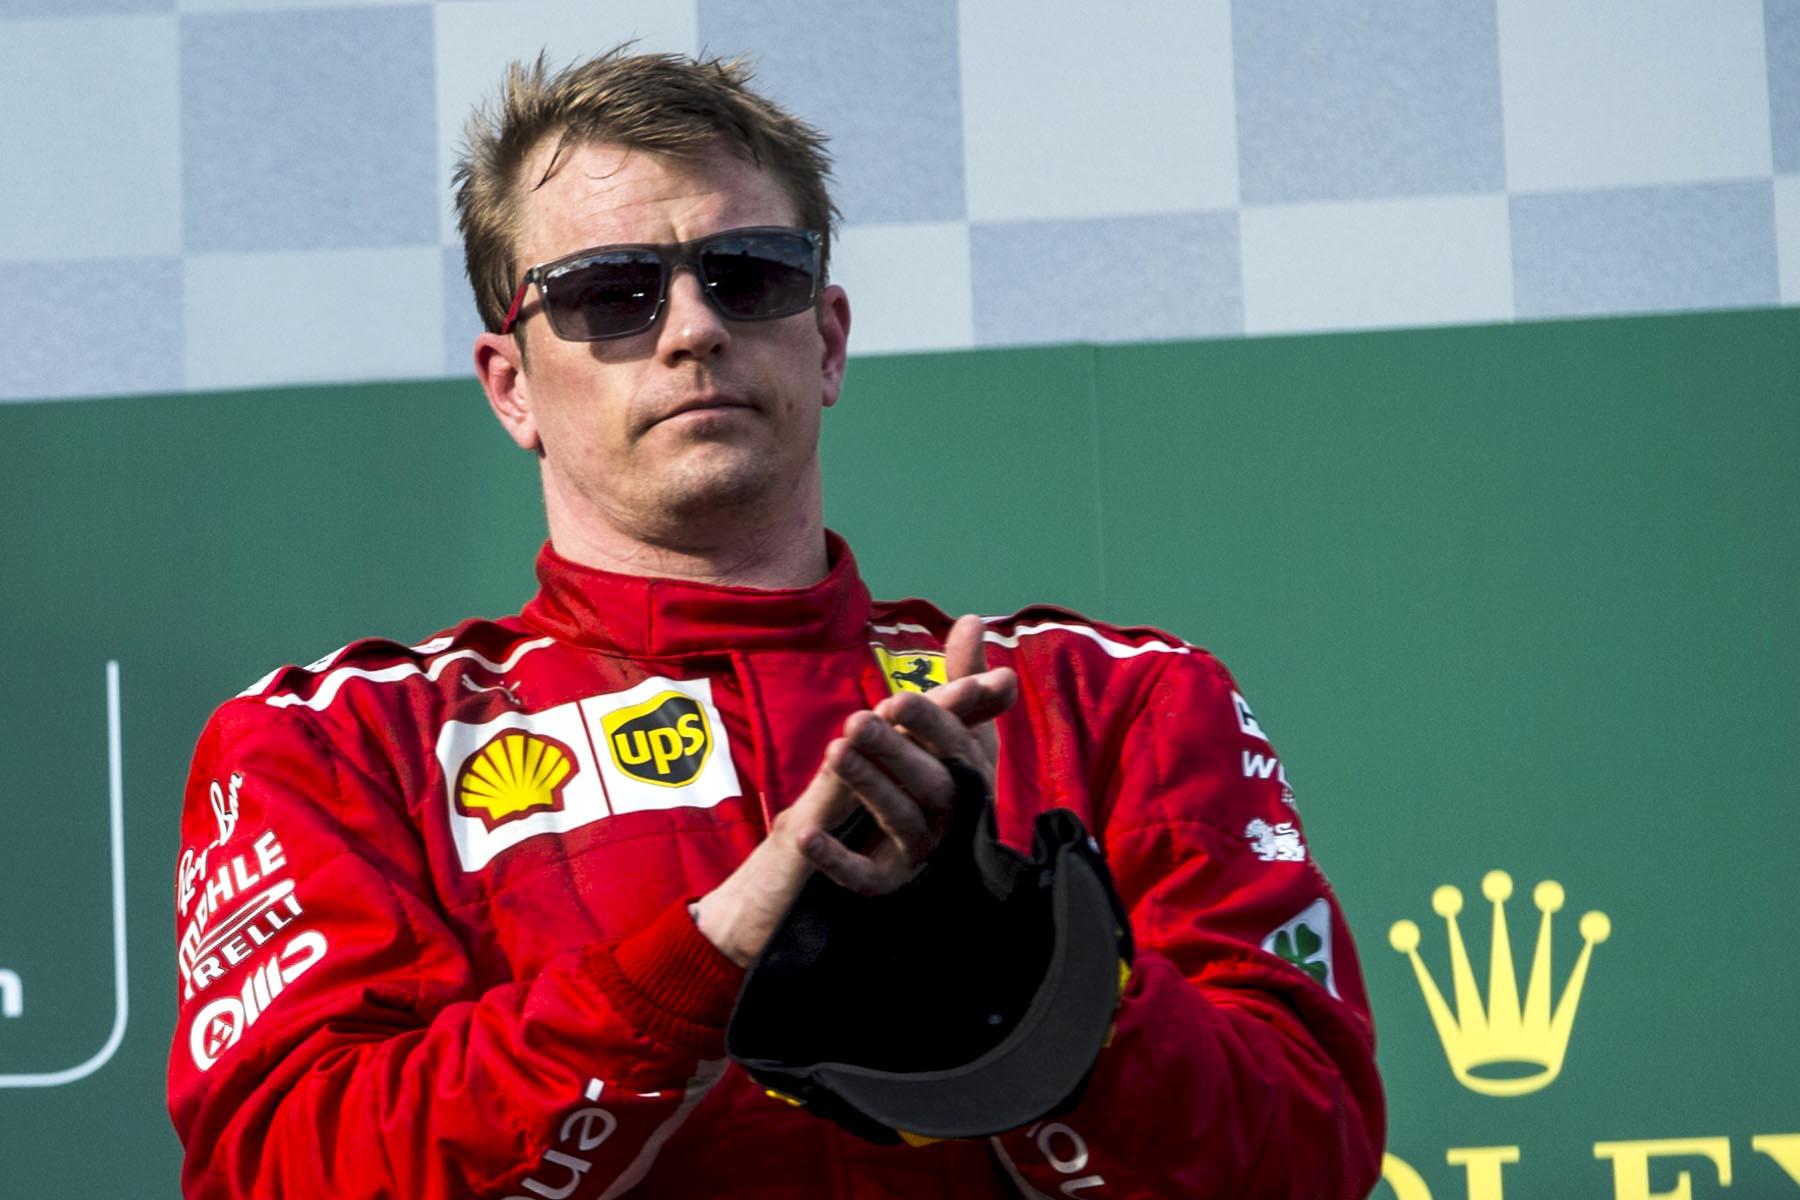 Kimi Raikkonen on the 2018 Australian Grand Prix podium.